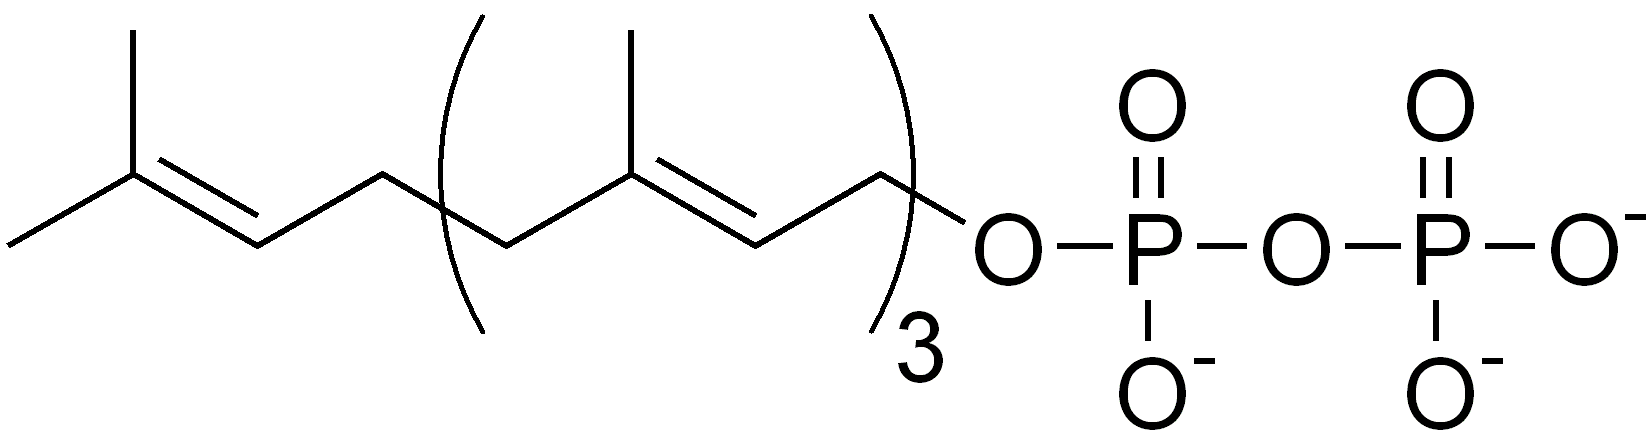 Depiction of Pirofosfato de geranilgeranilo